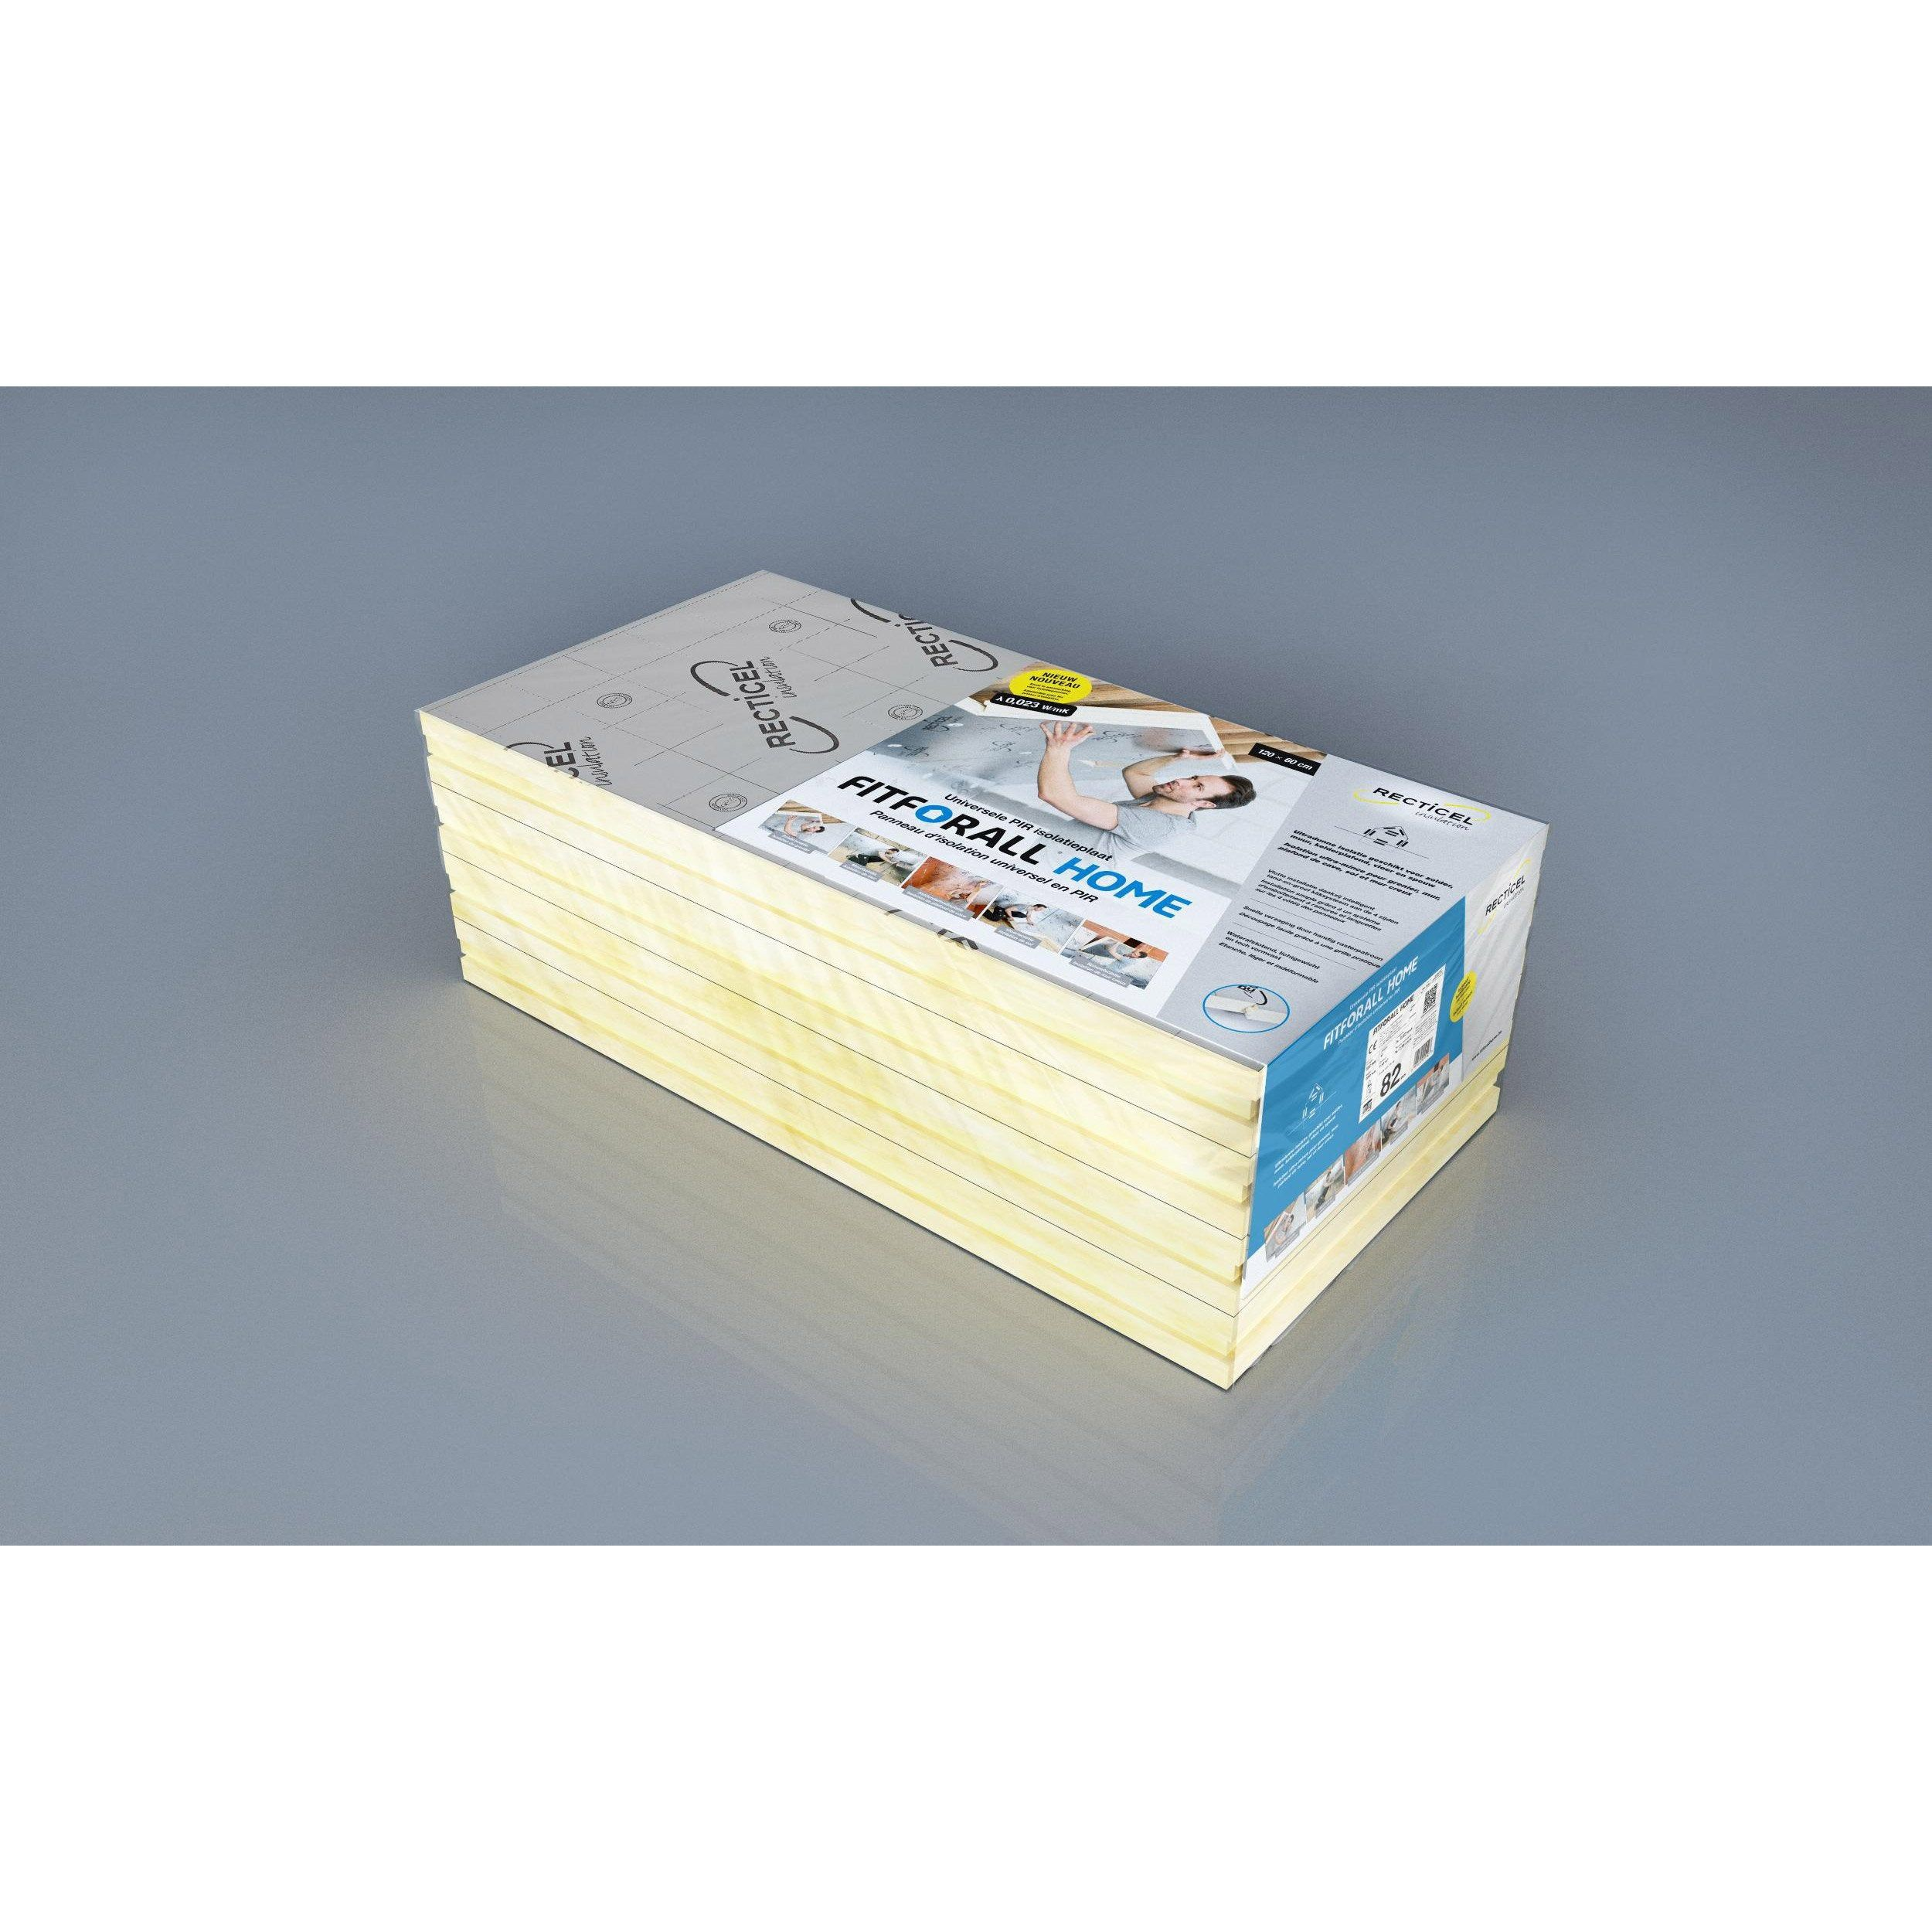 4 Panneaux Pour Isolation Polyurethane Papier Kraft L 0 6xl 1 2xep